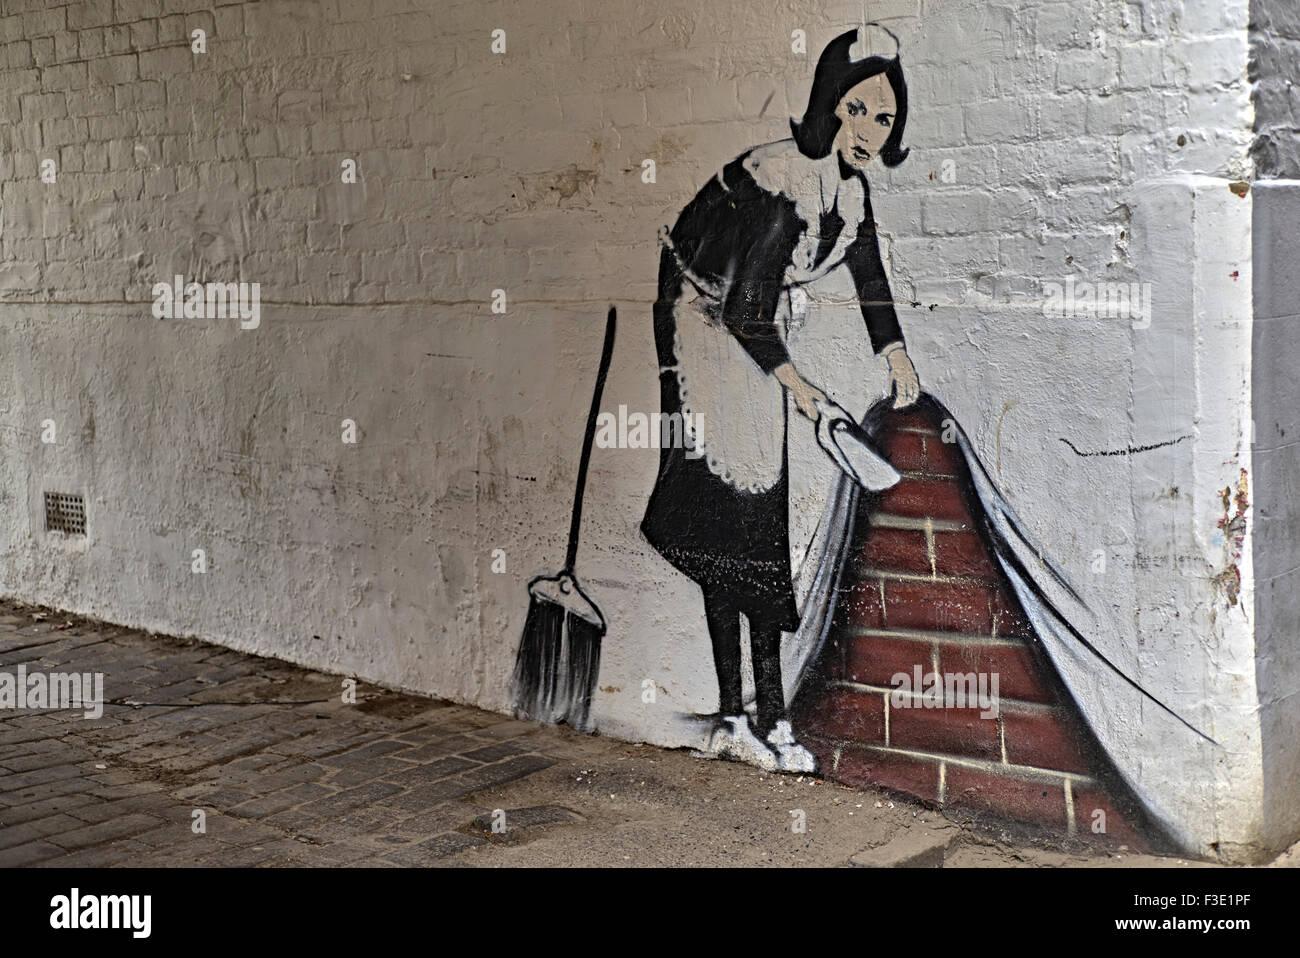 Wall art graffiti banksy style england uk